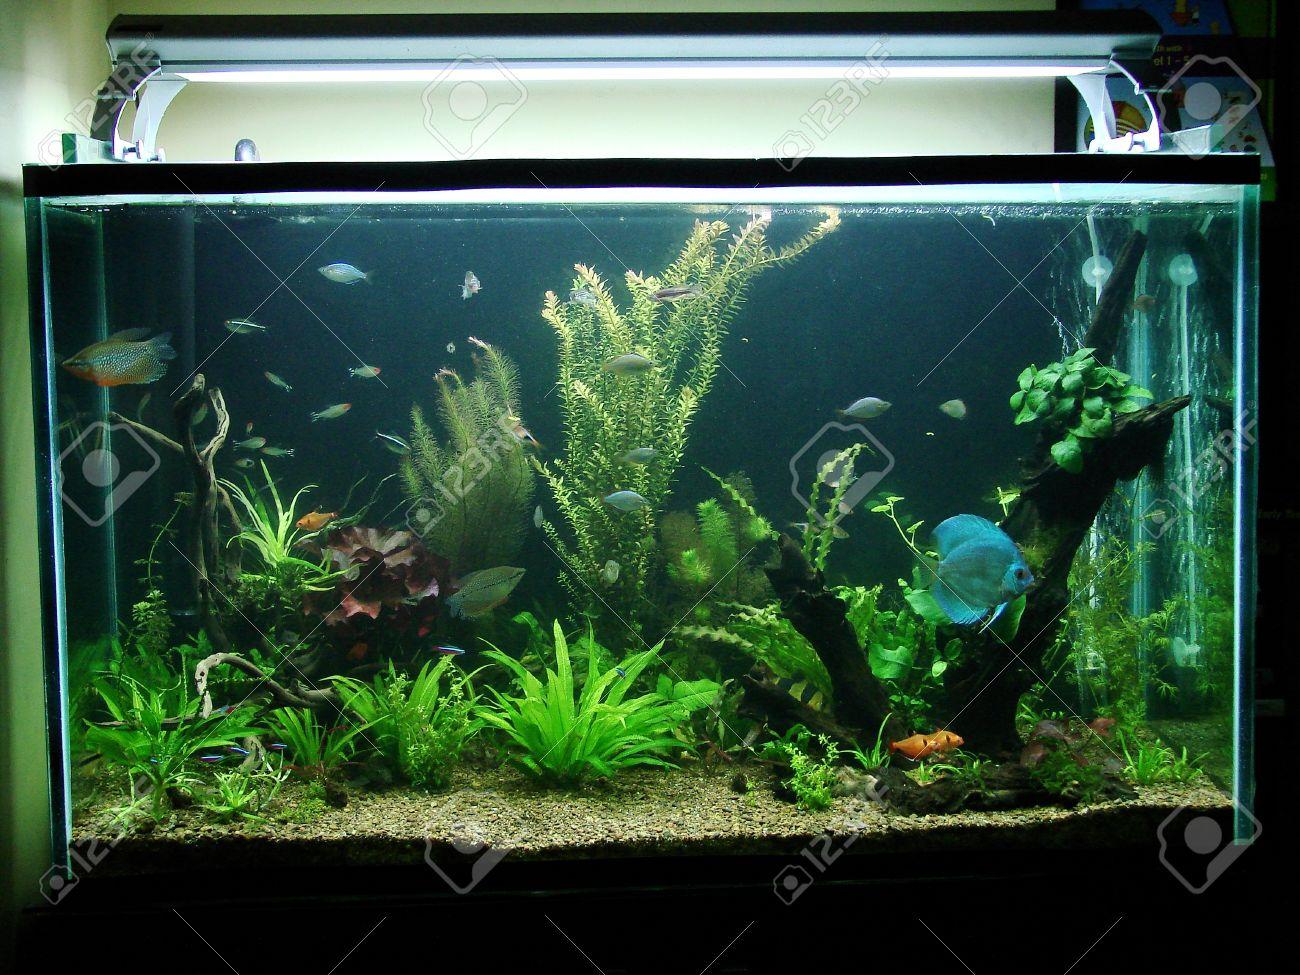 Fish for amazon aquarium - Planted Nature Aquarium Featuring An Amazon River Biotope Stock Photo 17164135